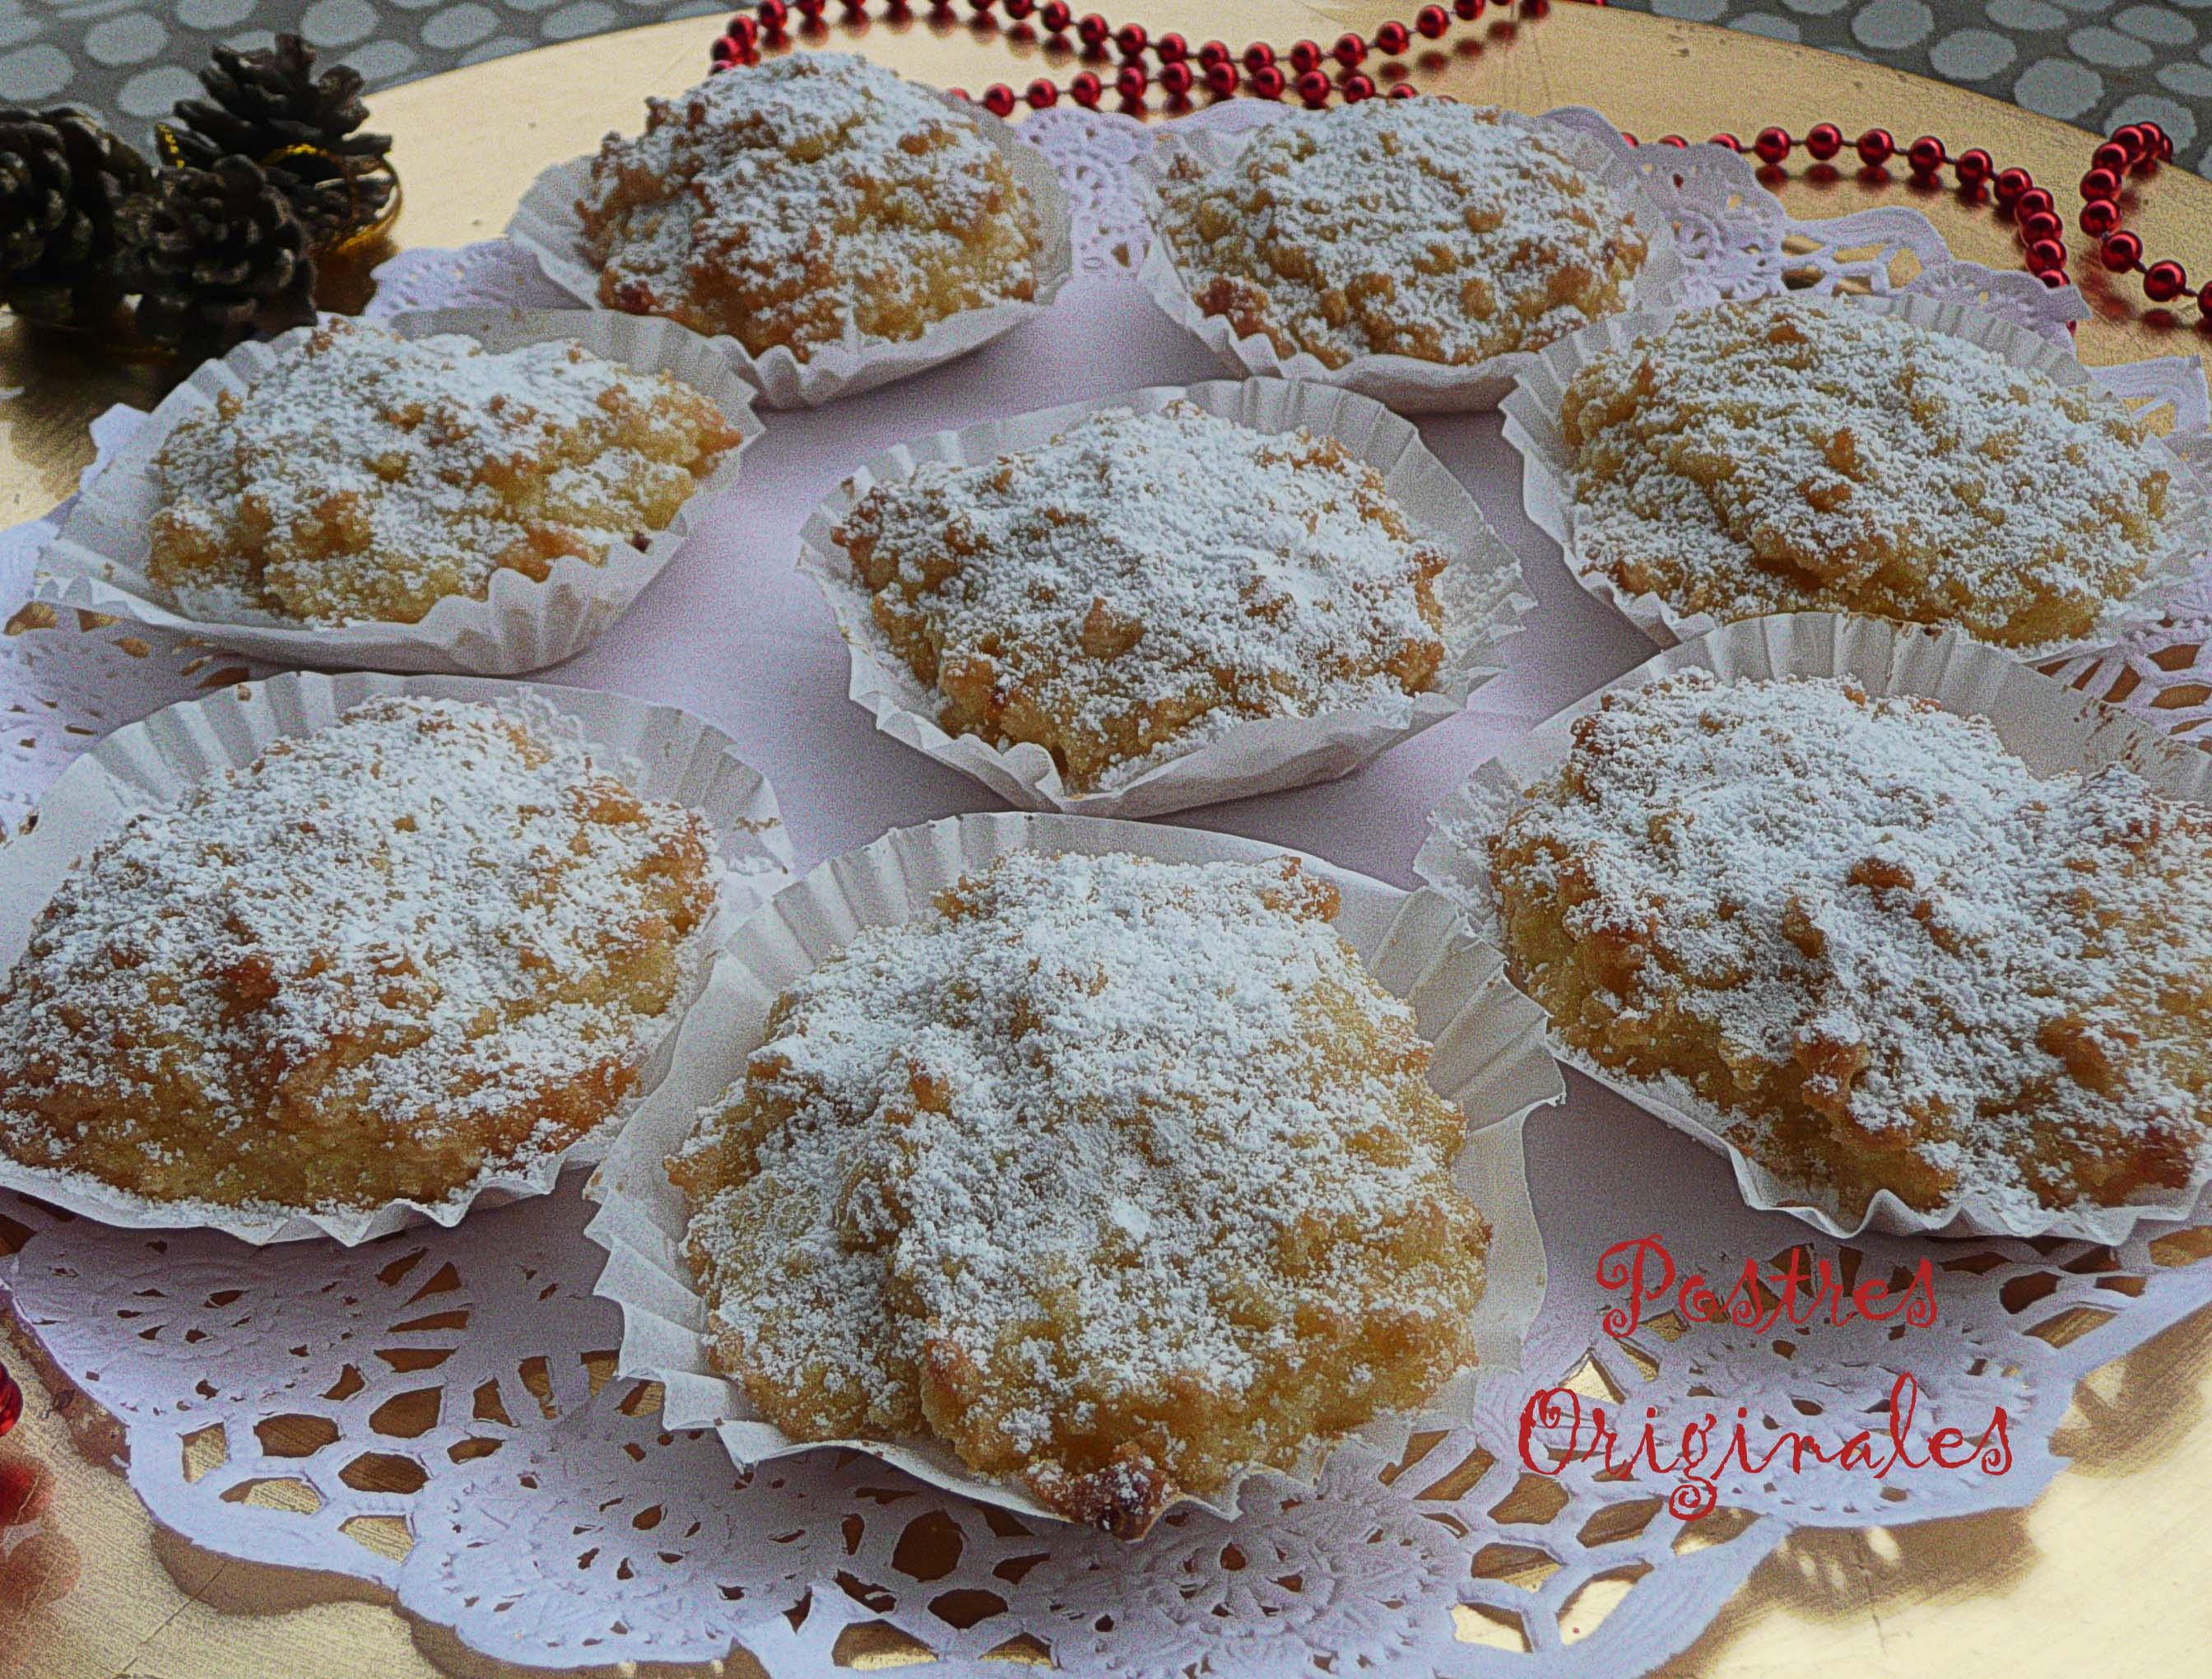 Marquesas receta de navidad postres originales for Postres para navidad originales